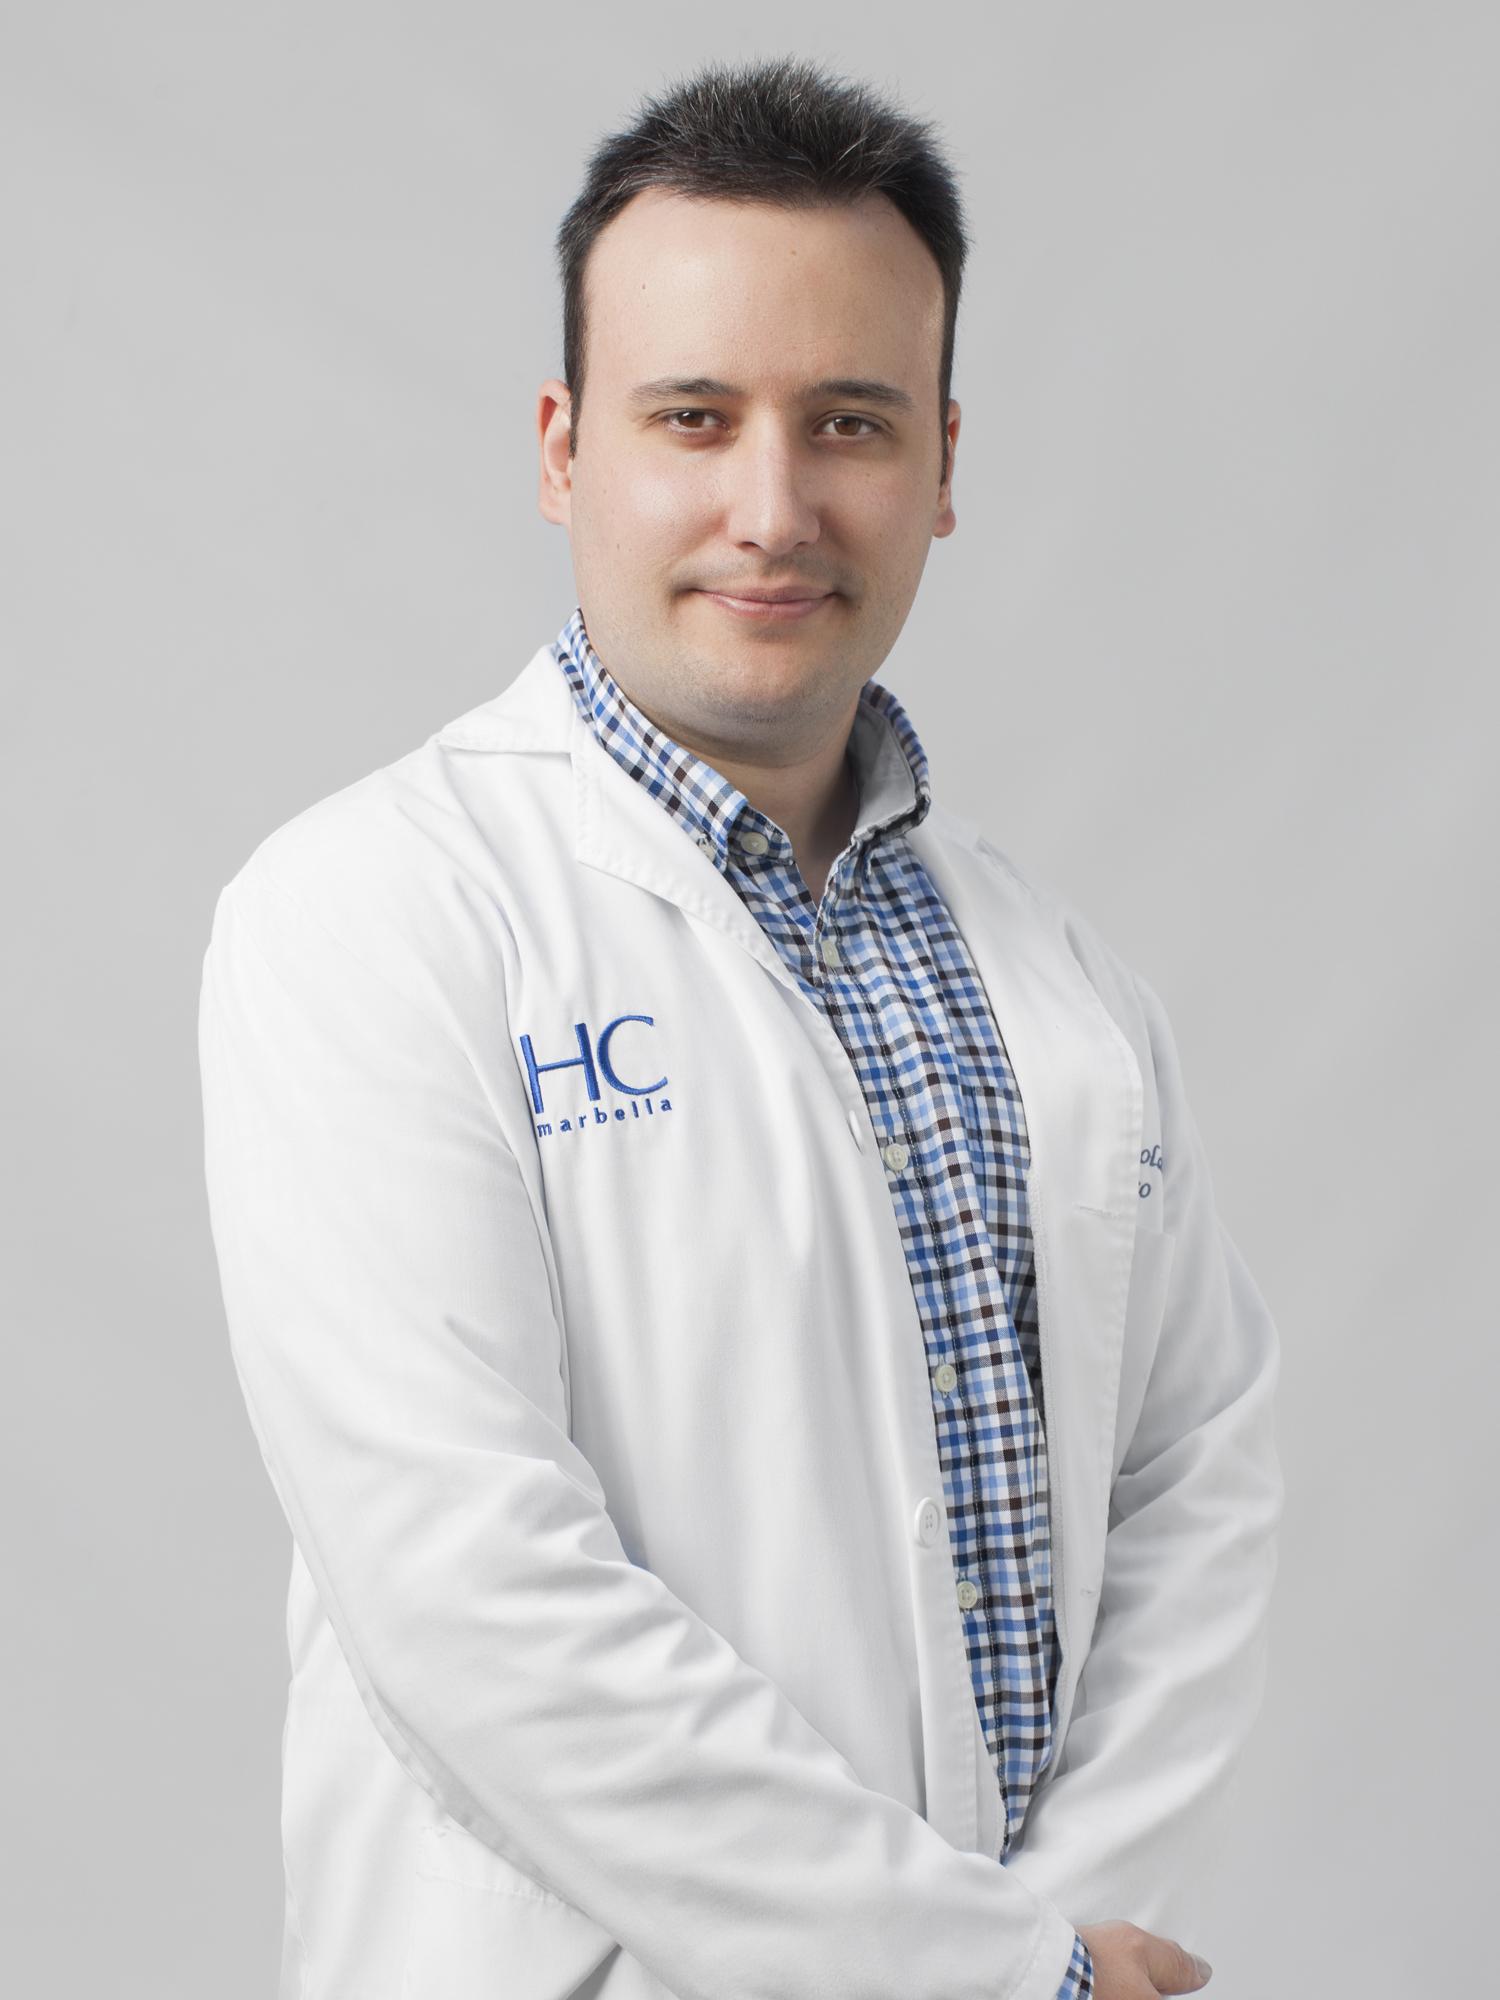 Tomás Arrazola